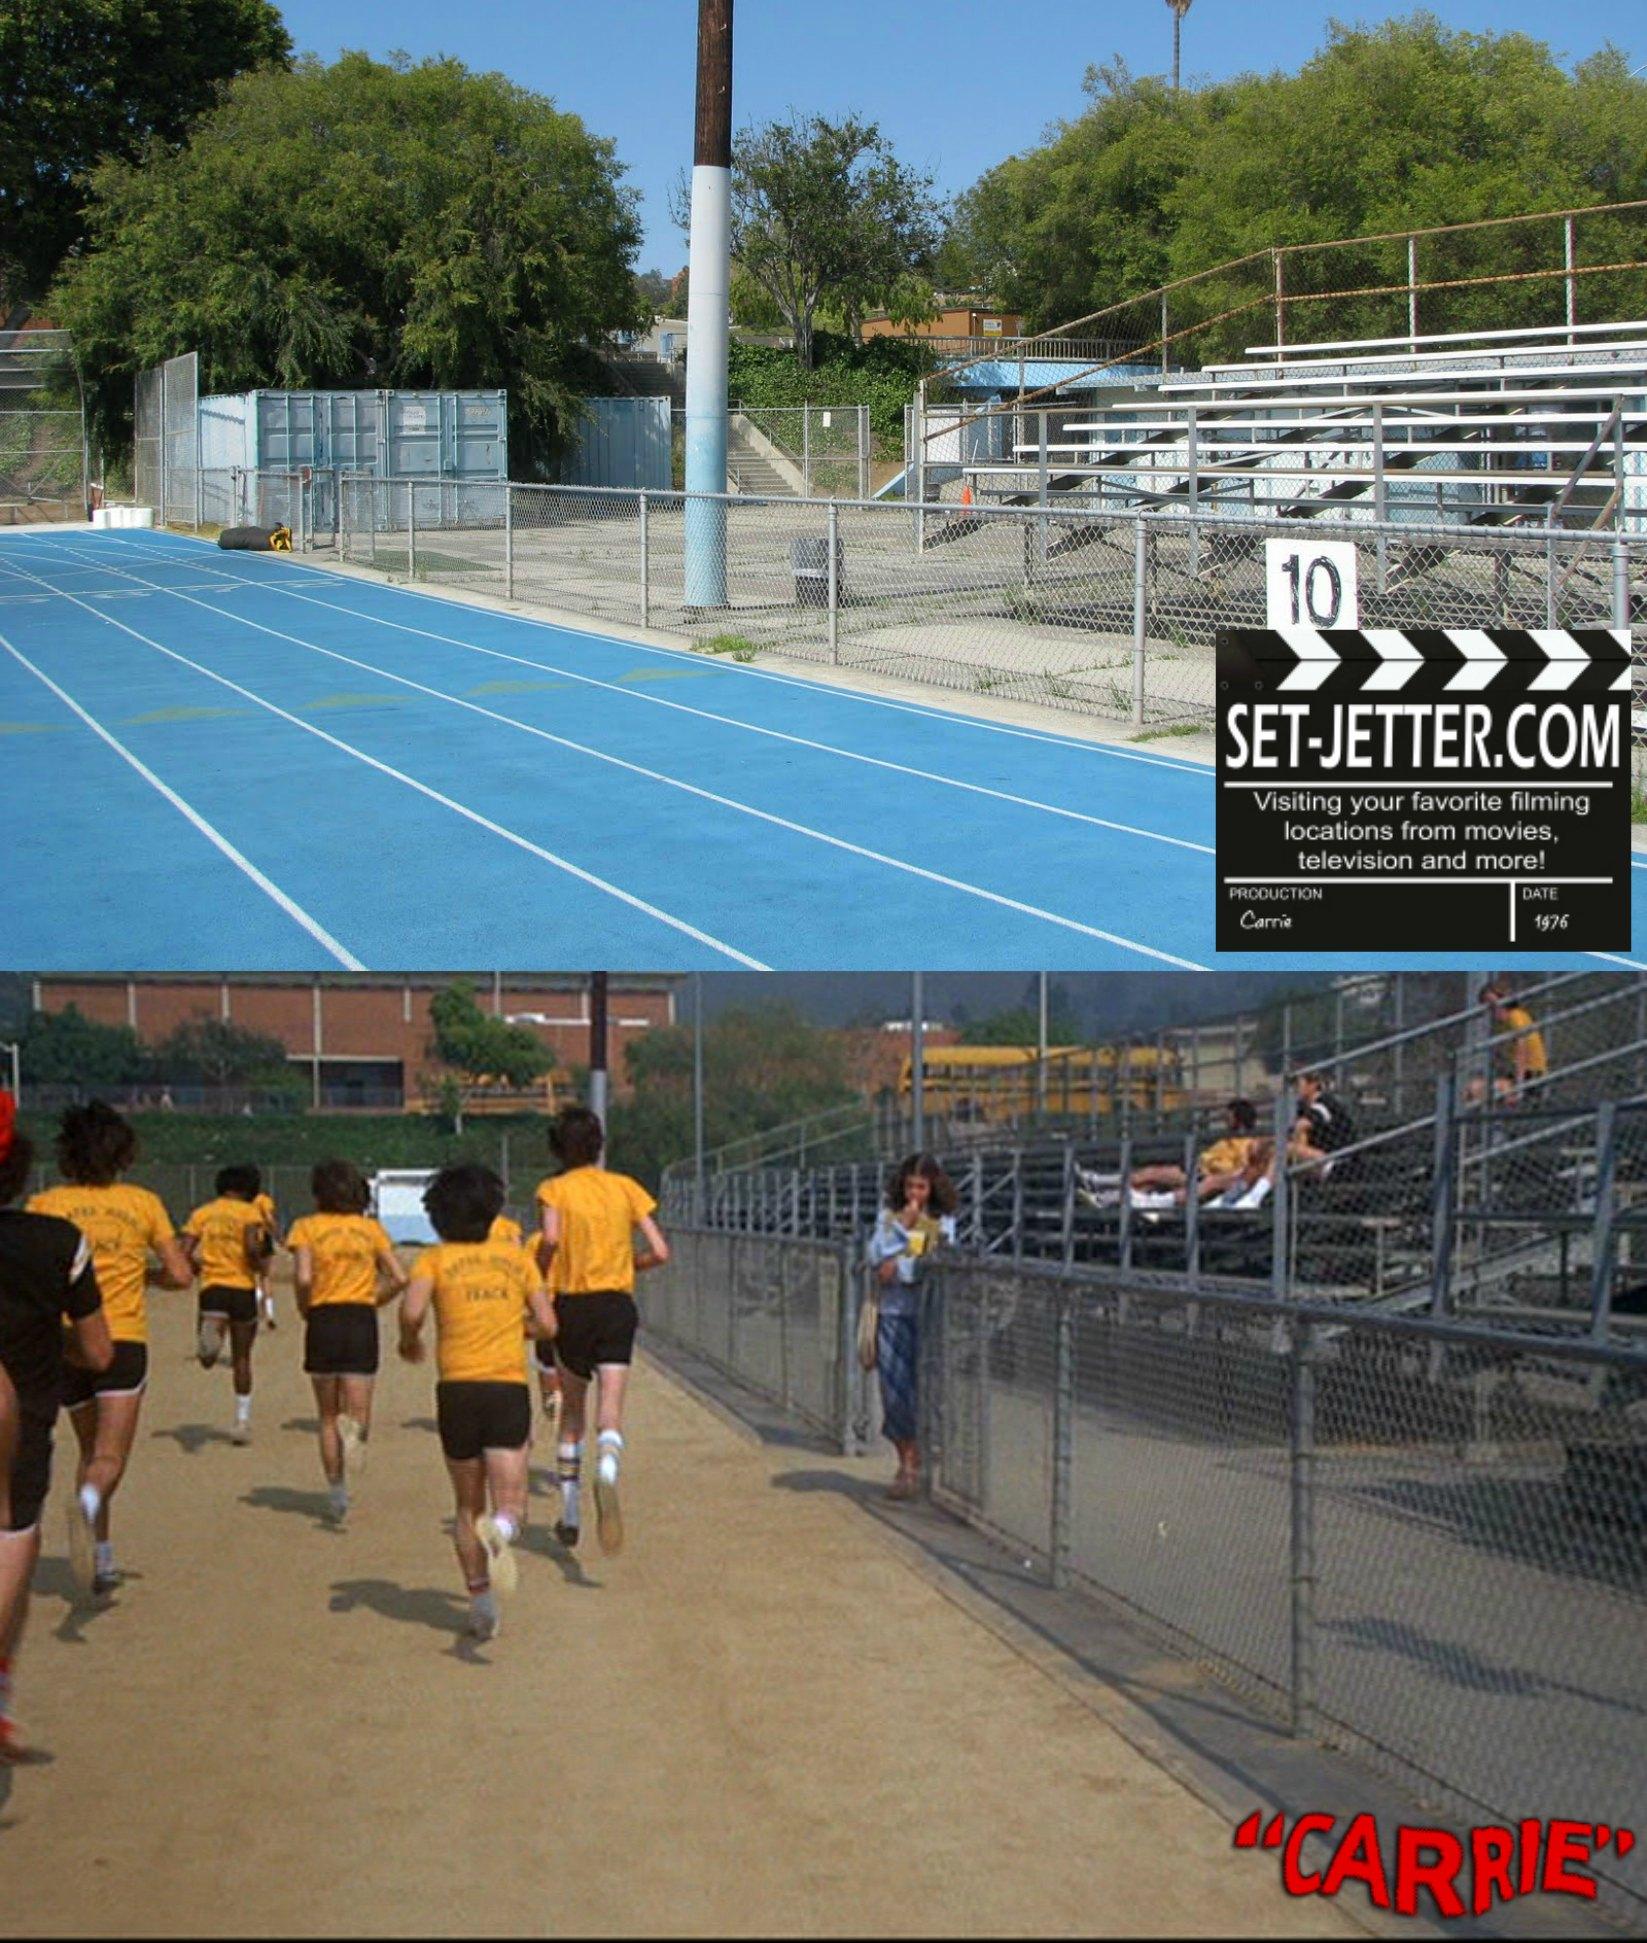 carrie school field 17.jpg